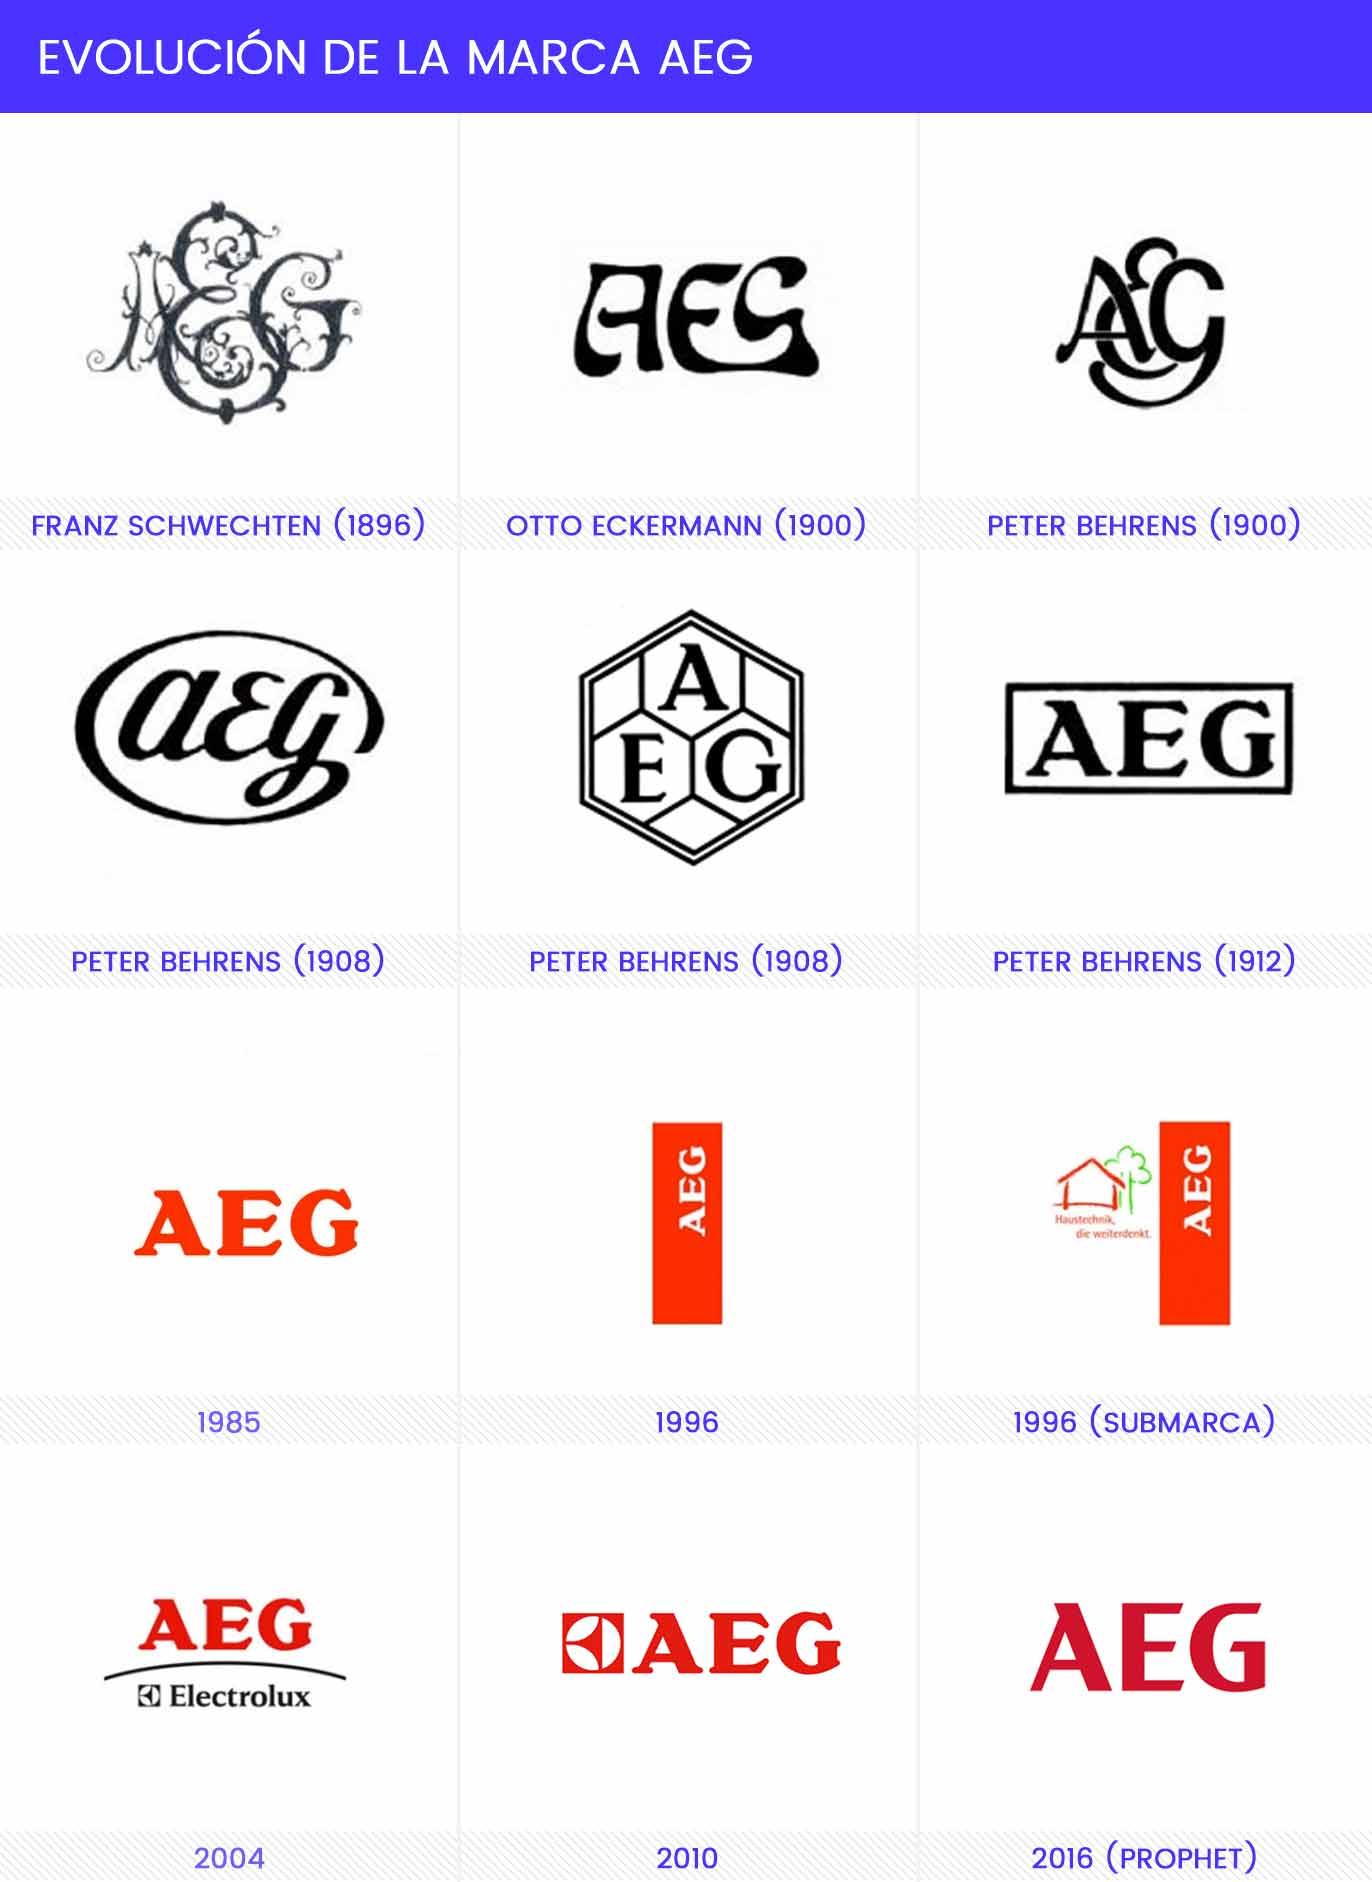 Evolución de la marca AEG